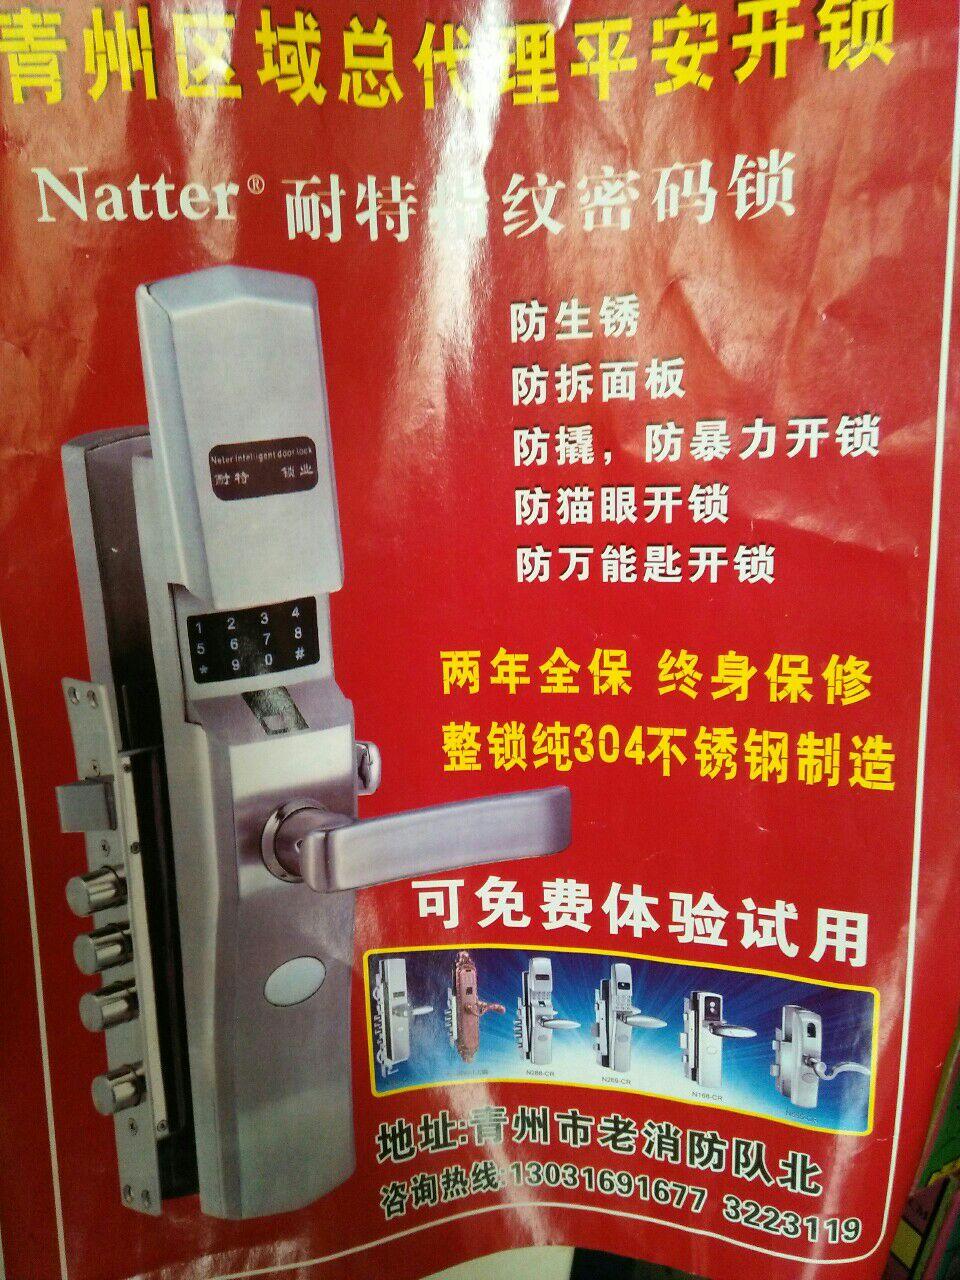 青州市开锁电话3223119